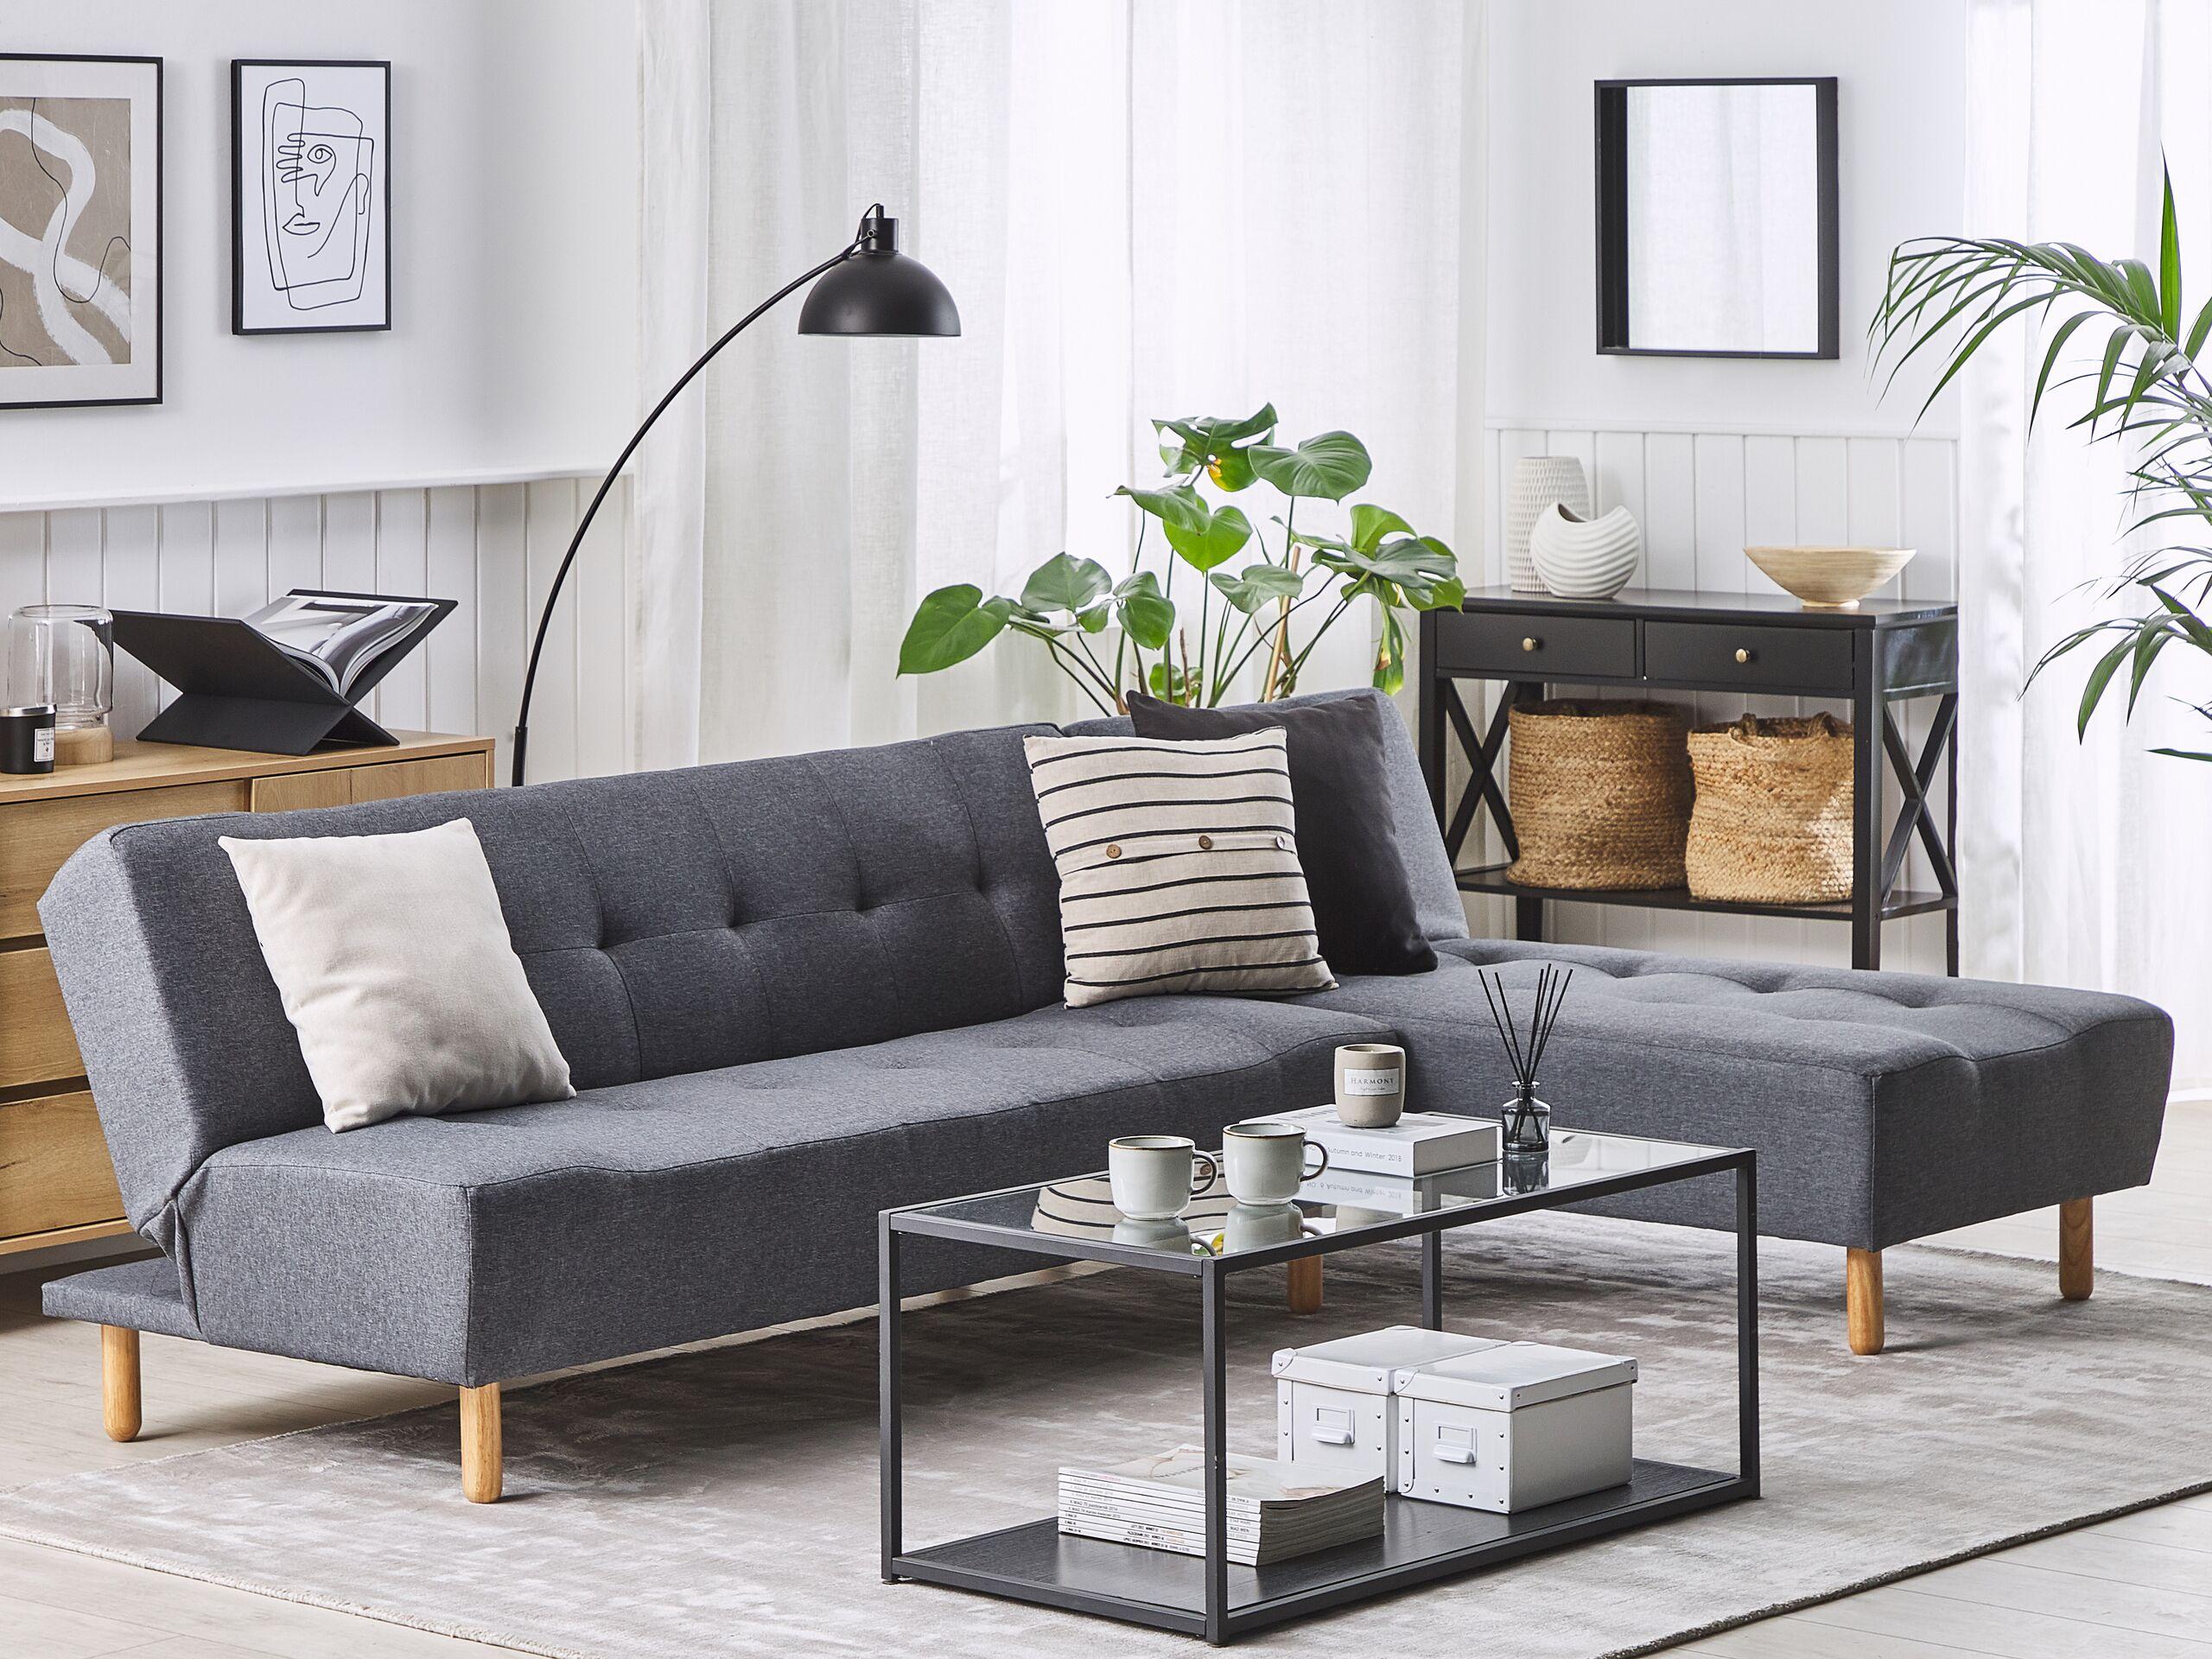 Canapé angle à gauche convertible en tissu gris foncé 4 places